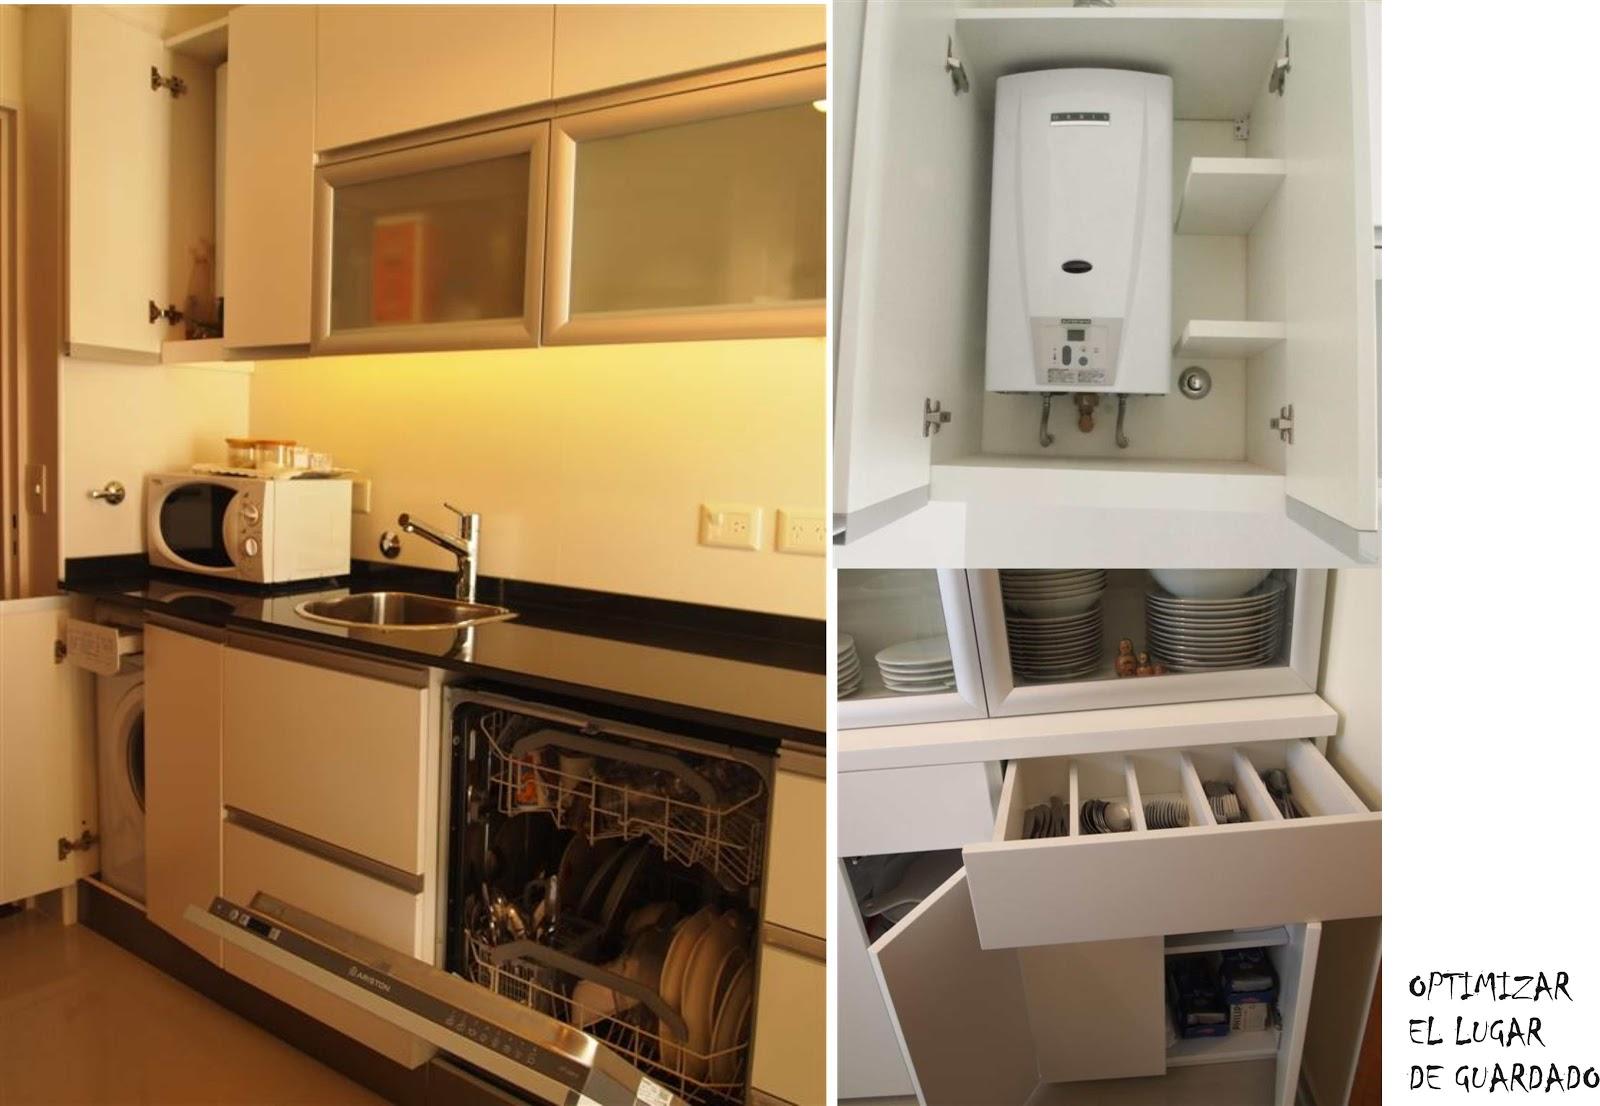 Arquitectura a tu medida remodelacion de una cocina for Mueble pared cocina